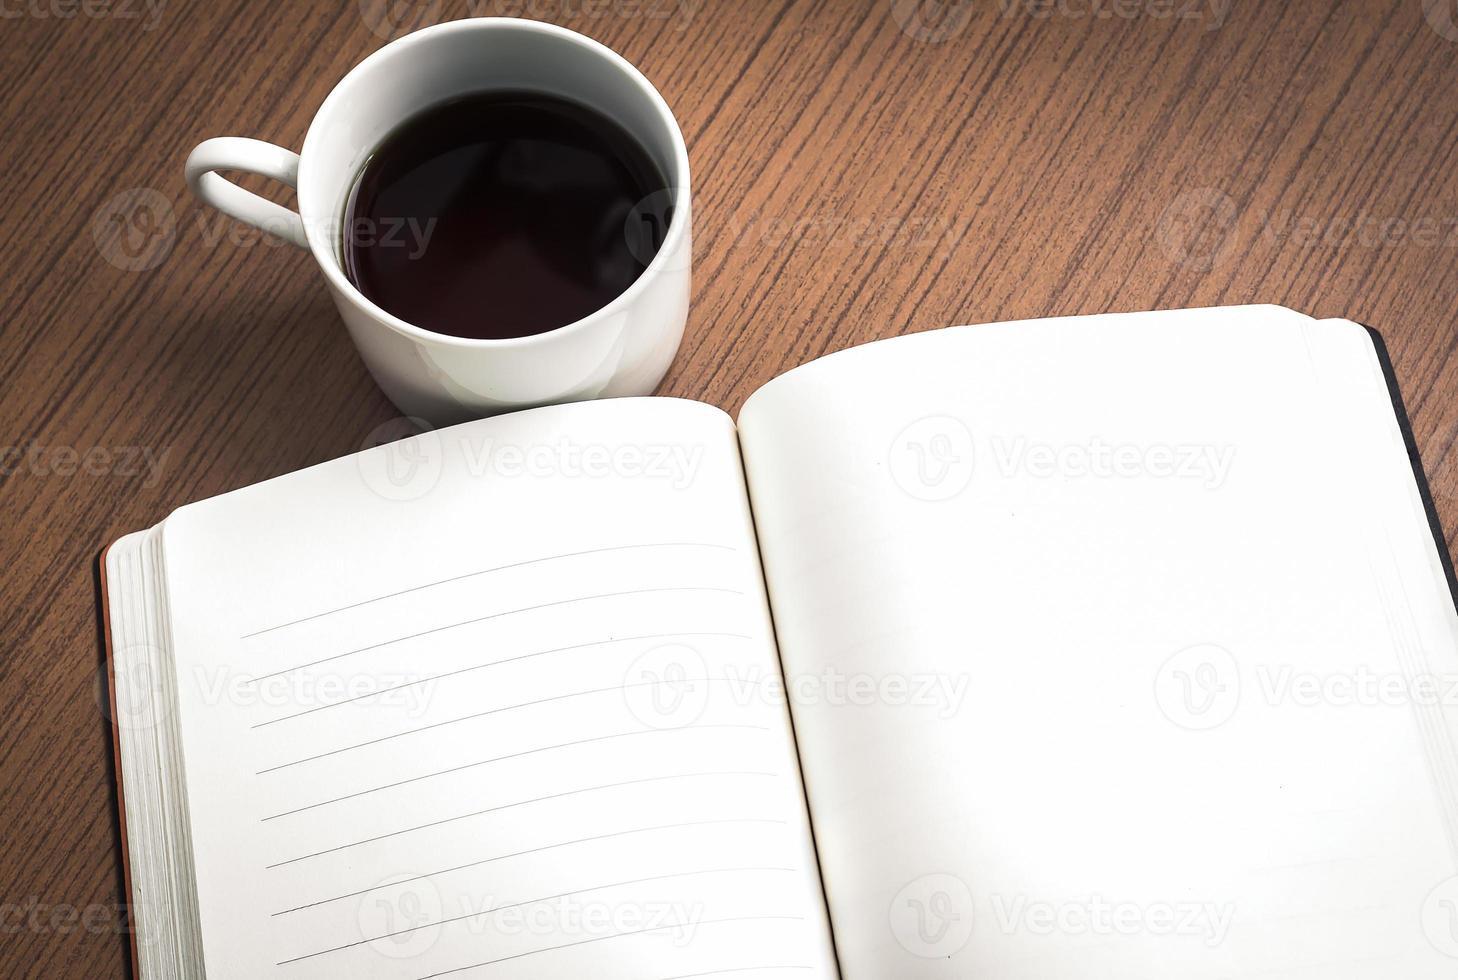 taccuino e caffè vuoti sulla tavola di legno foto